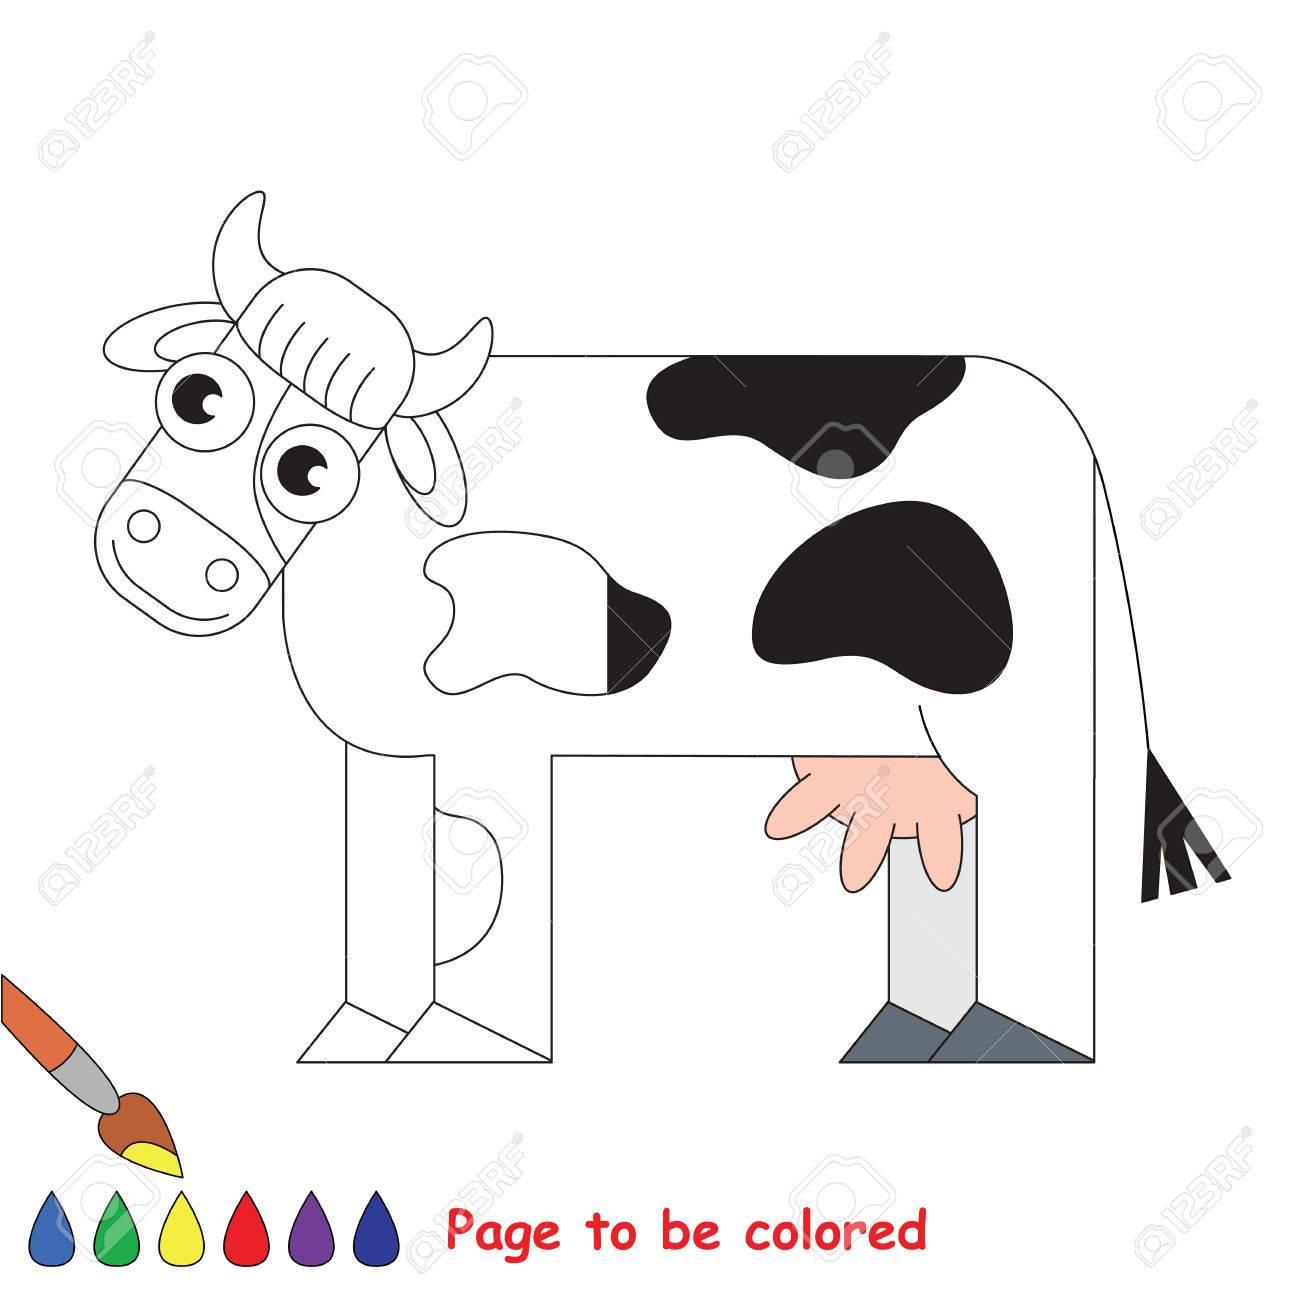 Vaca Para Ser Coloreada El Libro Para Colorear Para Educar A Los Niños En Edad Preescolar Con Juegos Educativos Fáciles Para Niños Y Educación